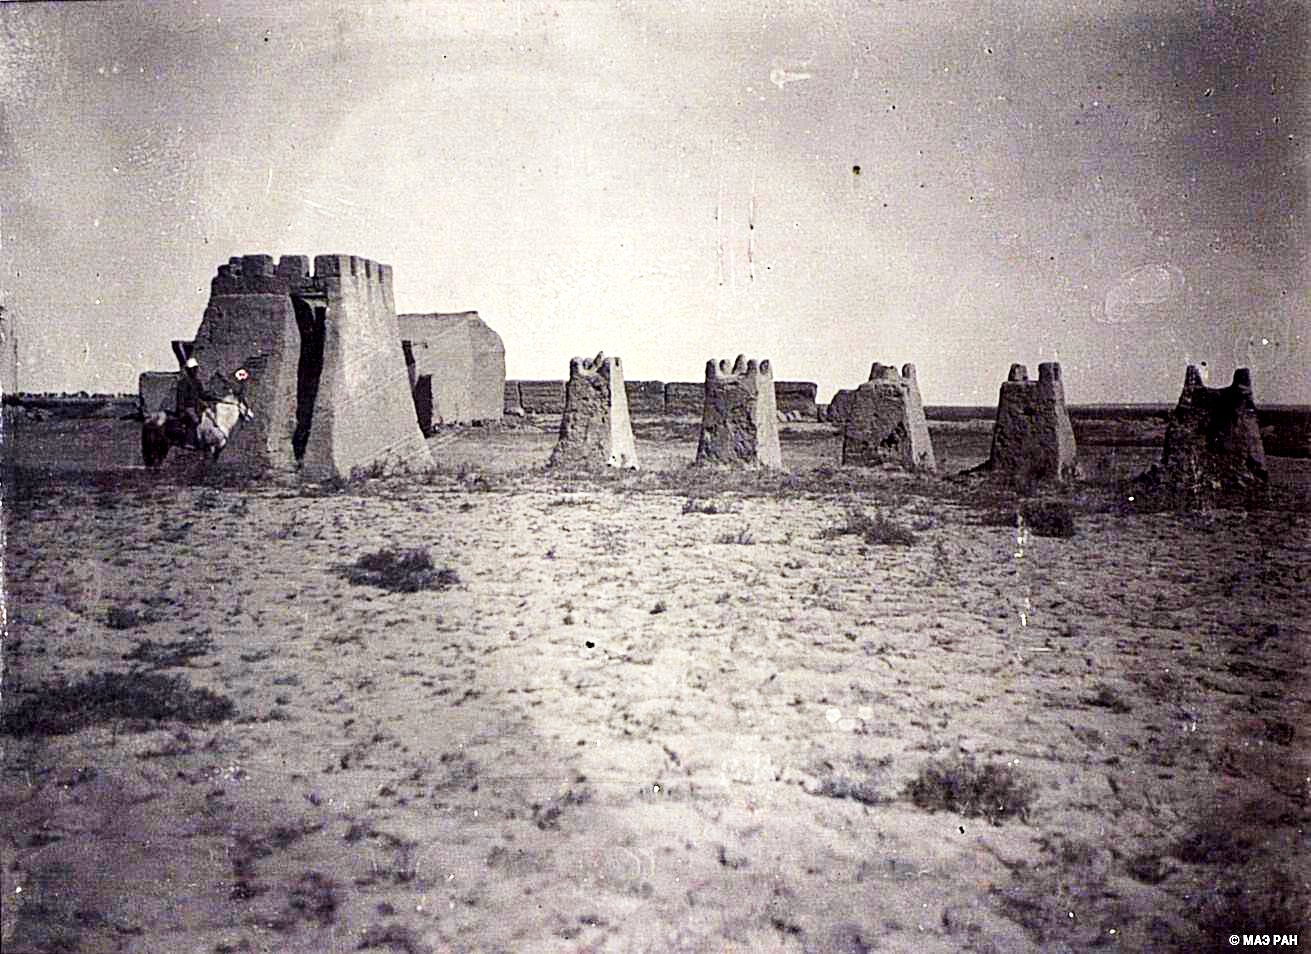 26. Развалины сигнальной башни времен дунганского восстания и его подавления в местечке Сантай